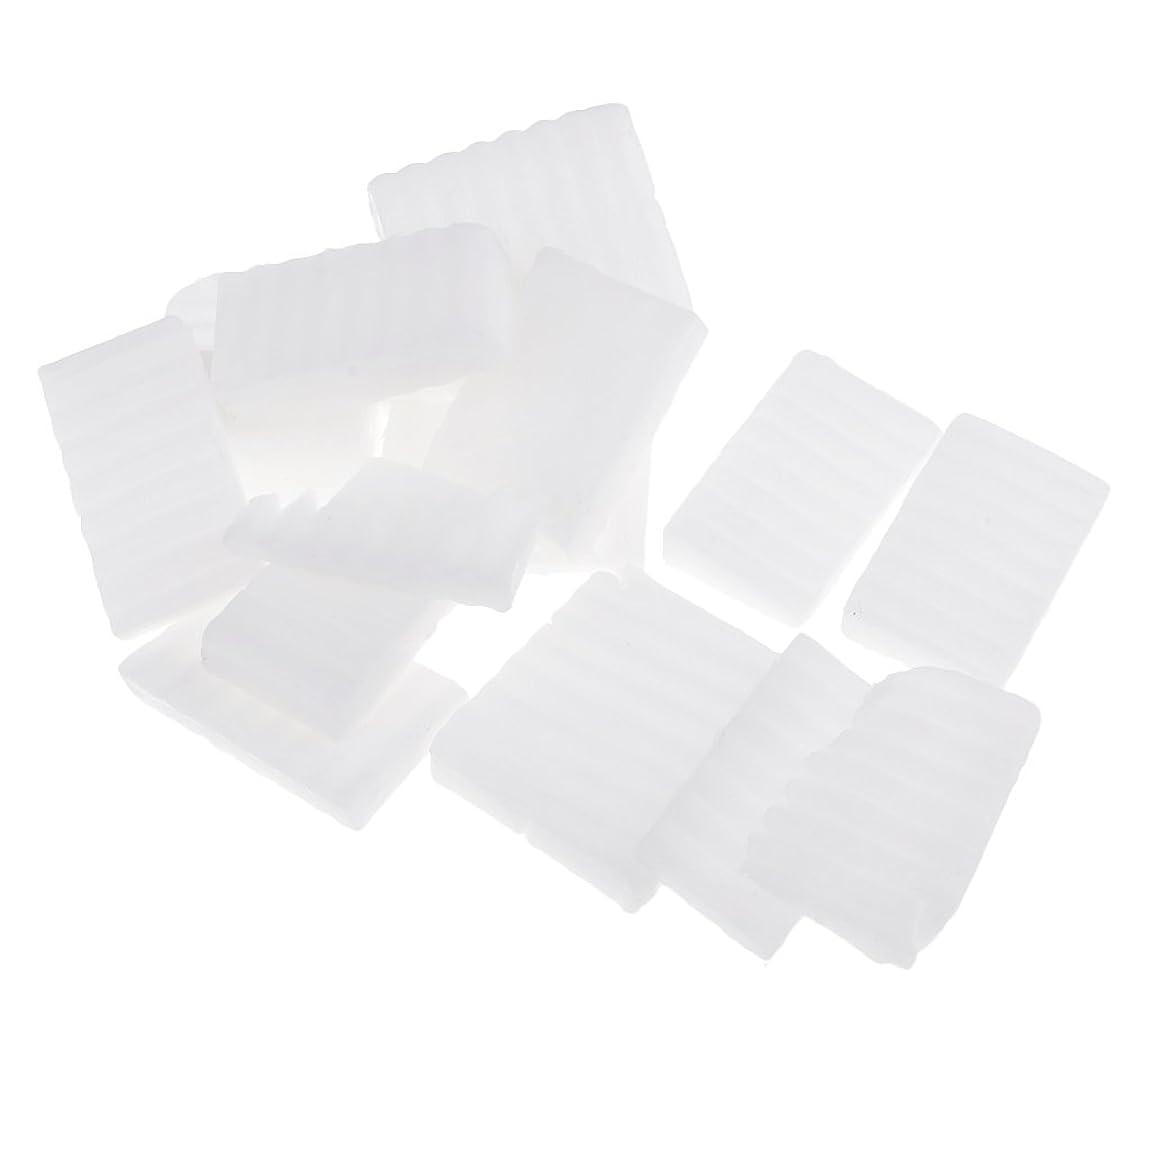 生産性有益なぼかすPerfk 白い 石鹸ベース DIY 手作り 石鹸 材料 約500g 手作り 石鹸のため